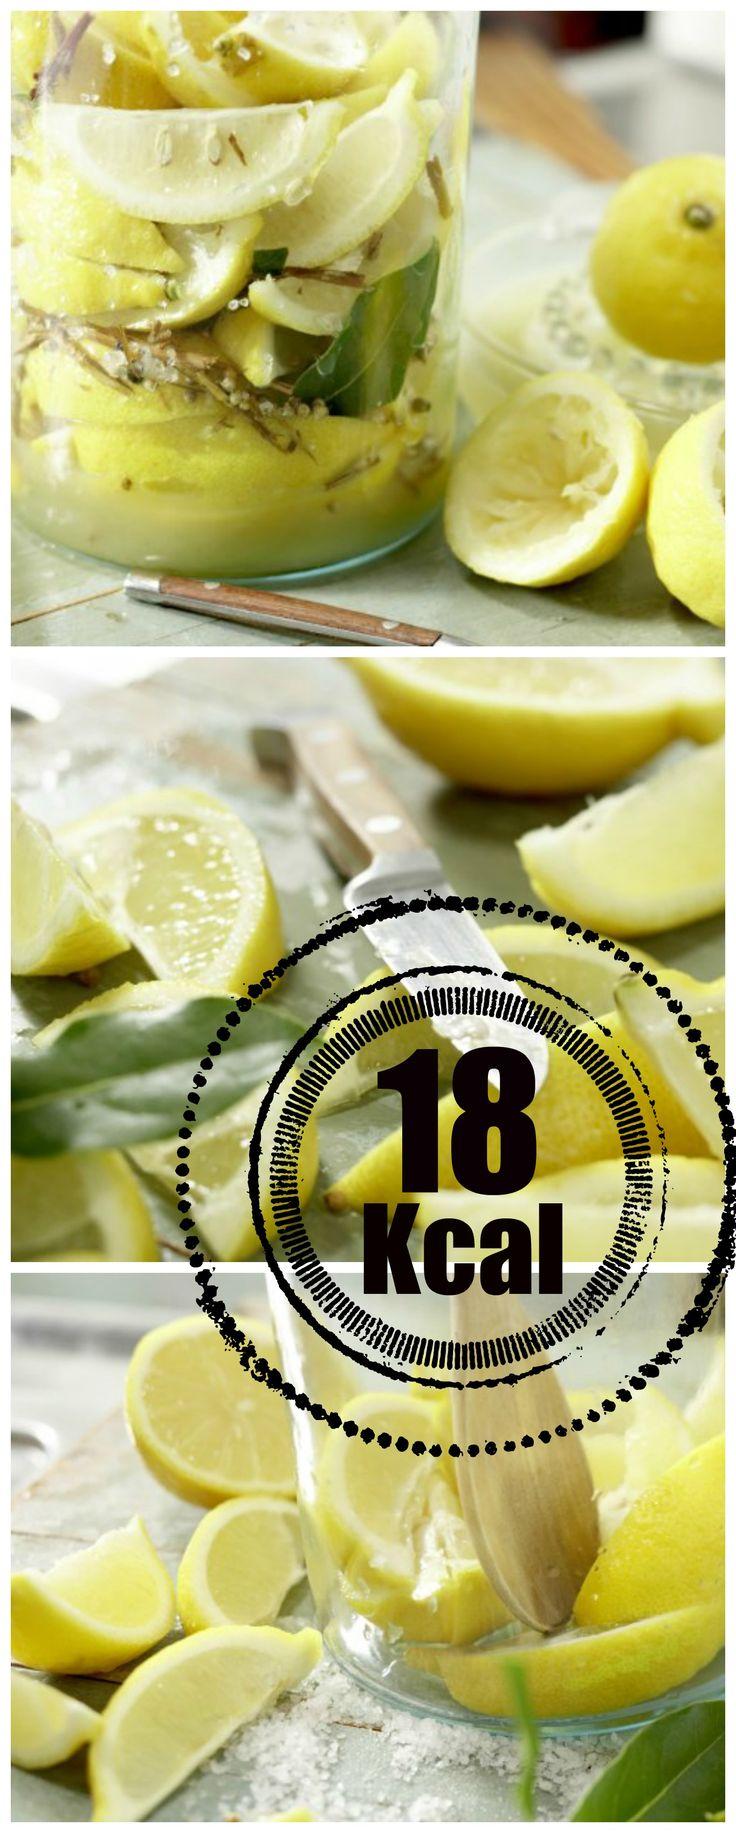 Die Südfrucht mal anders – so kann sie eine fruchtig-frische Note verleihen: Eingelegte Zitronen nach marokkanischer Art | http://eatsmarter.de/rezepte/eingelegte-zitronen